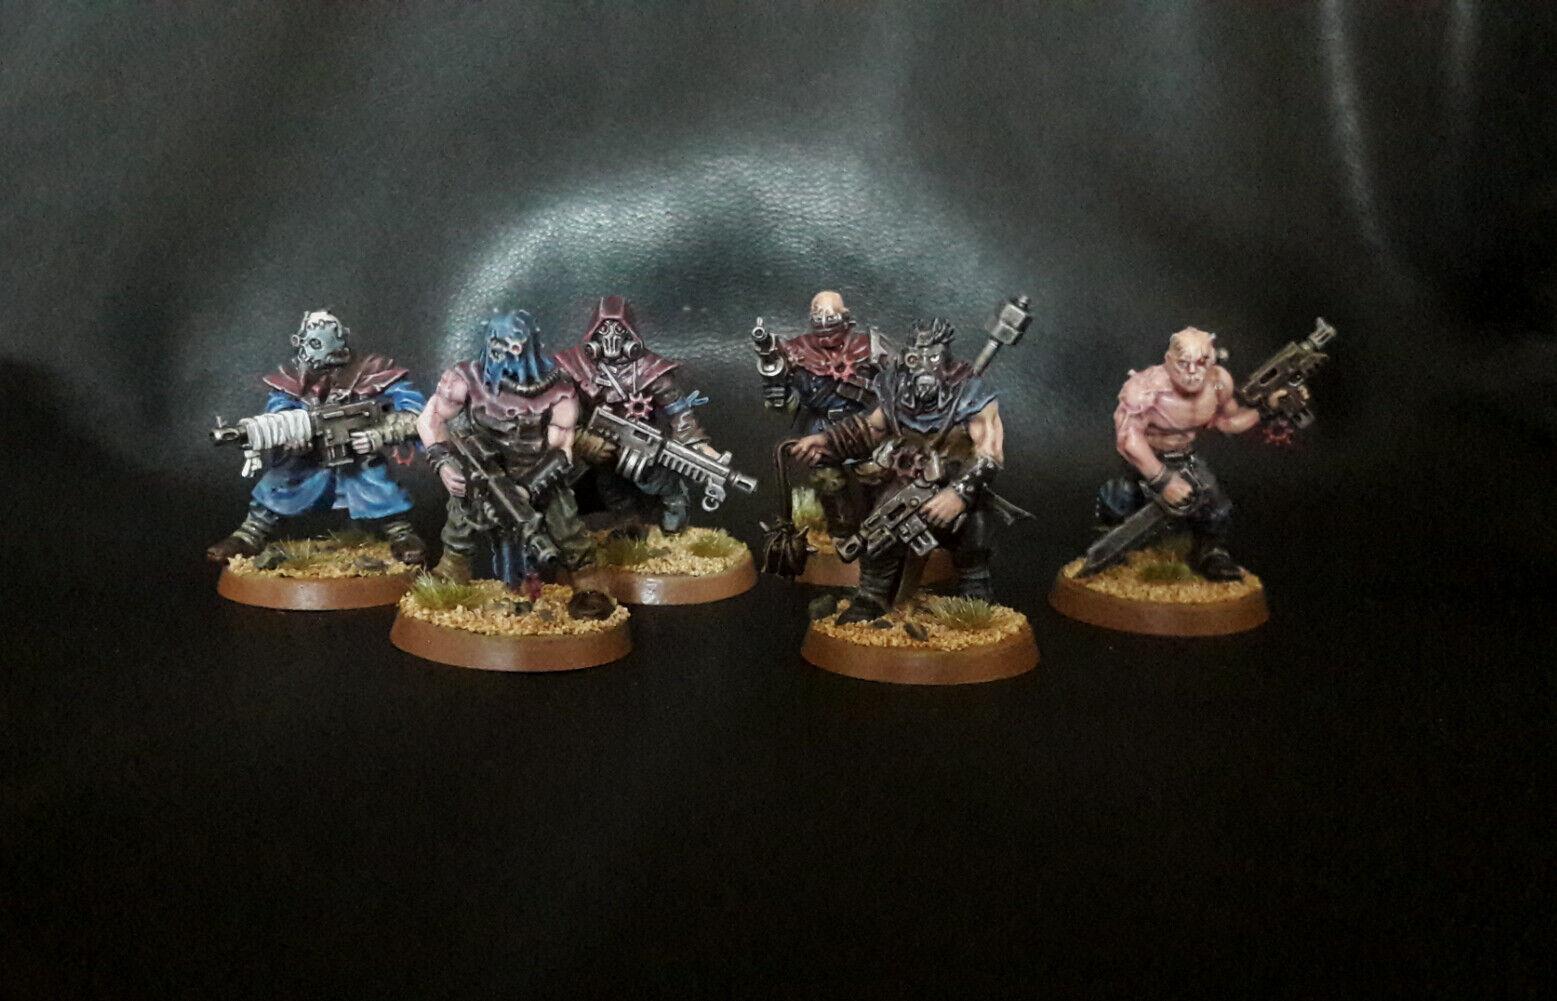 Warhammer 40K  Chaos sectateurs, (6 miniatures) Pro Painted  vente en ligne